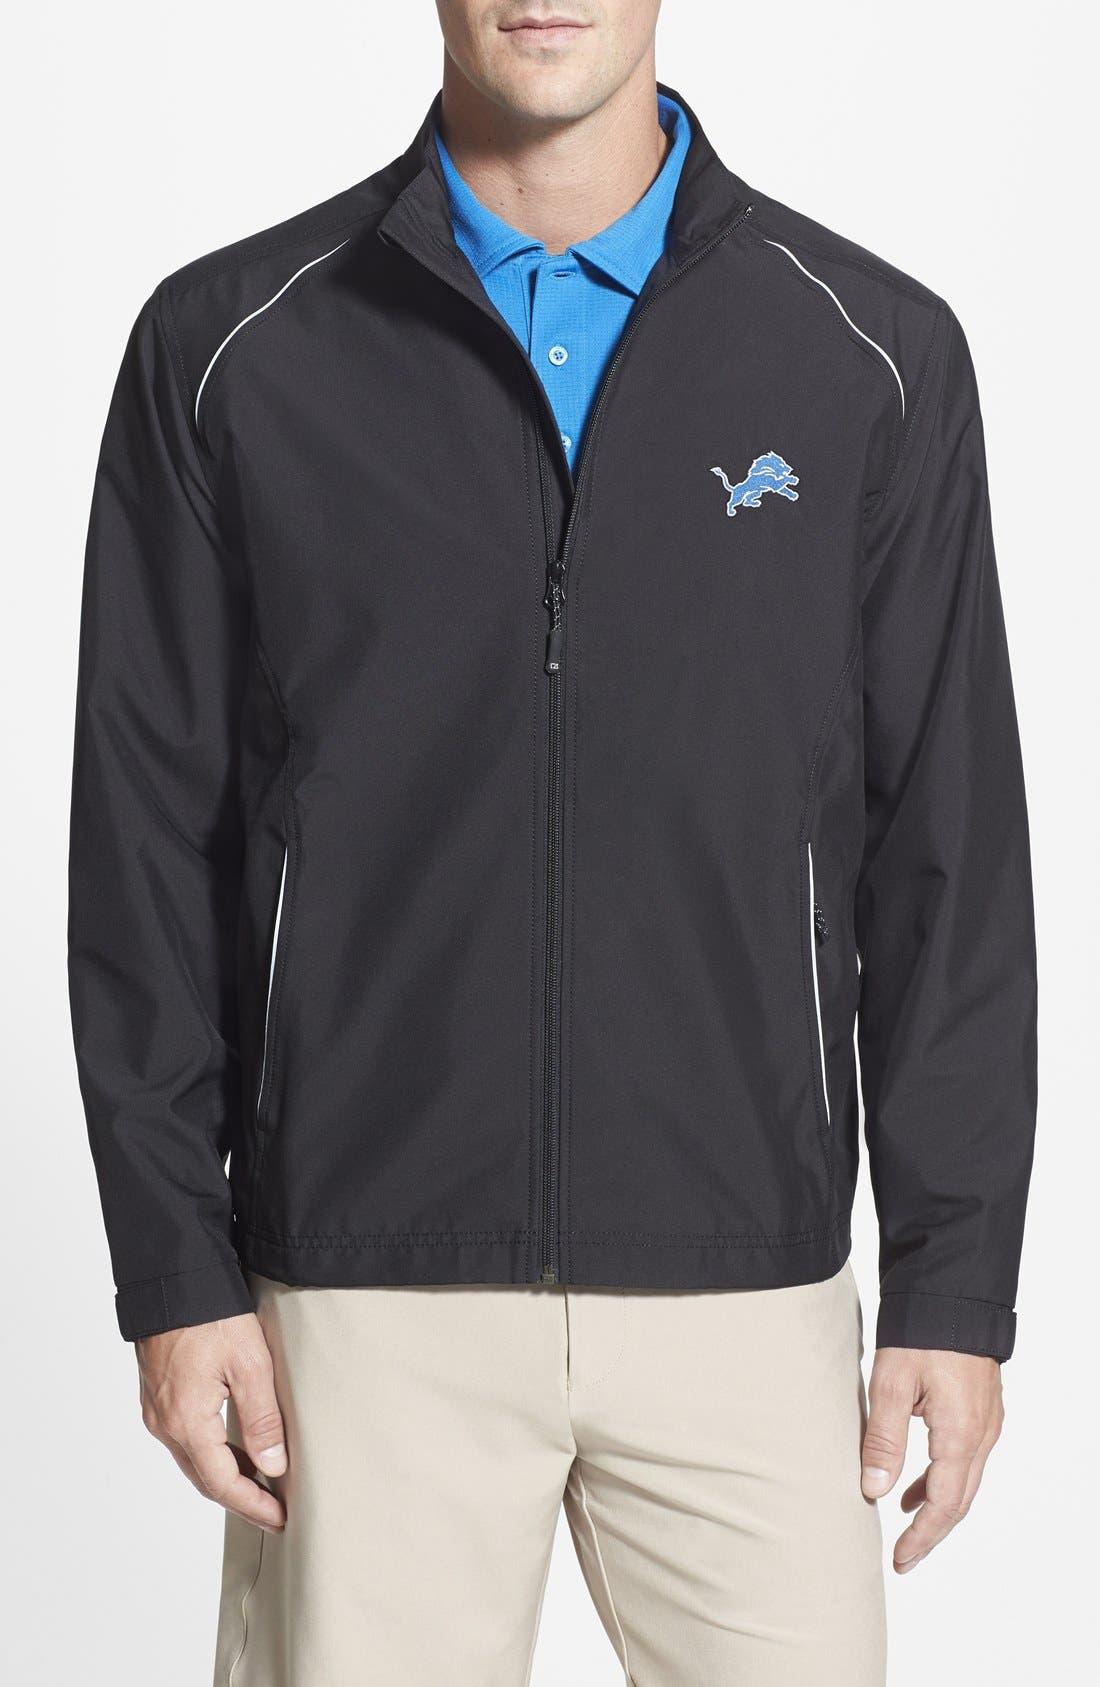 Detroit Lions - Beacon WeatherTec Wind & Water Resistant Jacket,                         Main,                         color, Black